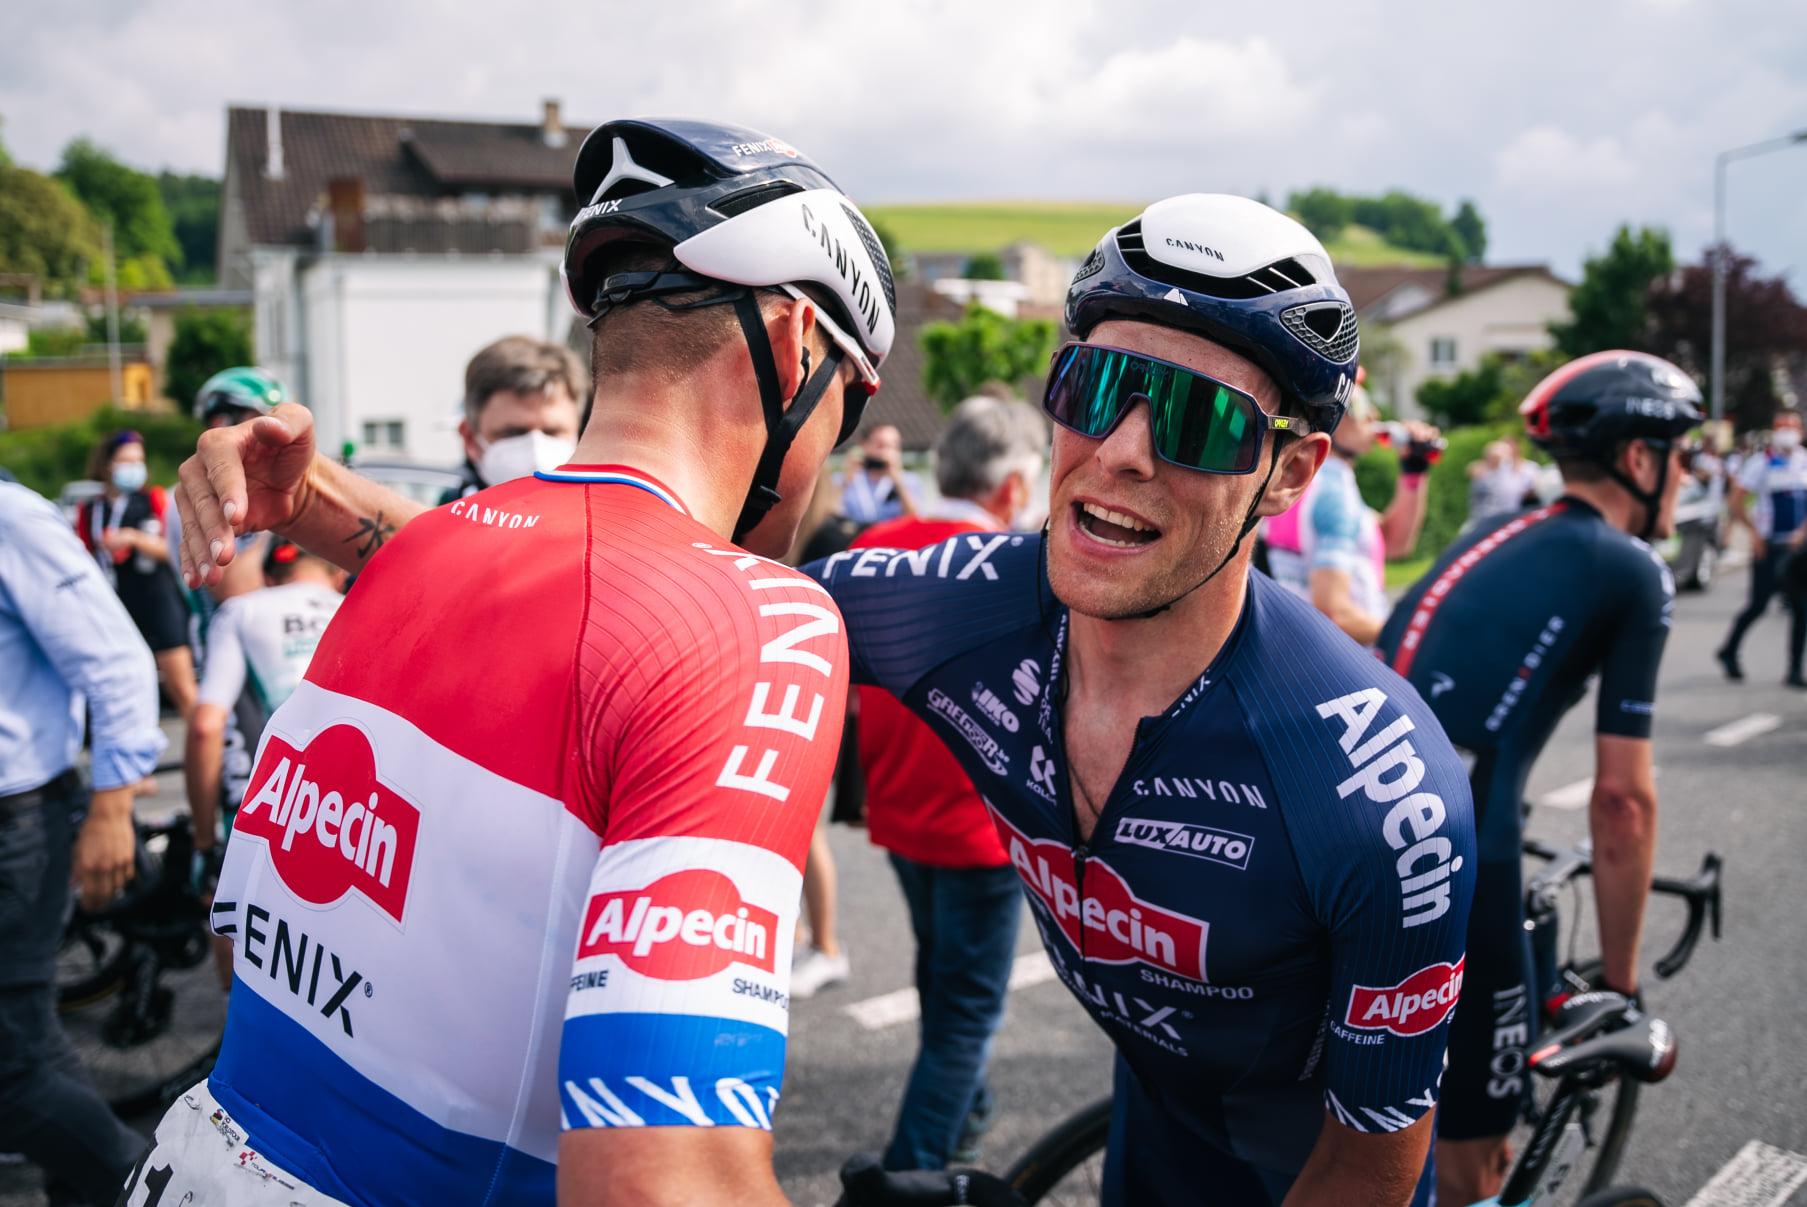 Van der Poel še enkrat pokazal svojo moč, Lopez prvi na Ventouxu